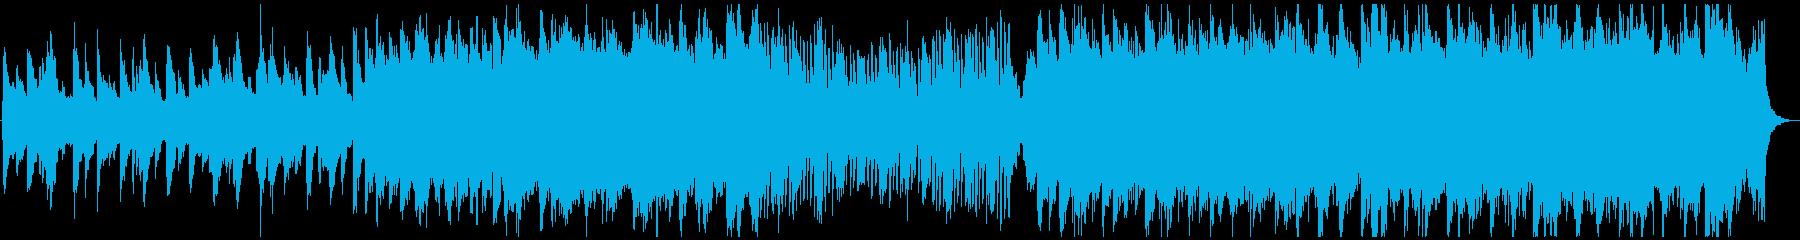 【ボーカルなし】式典や結婚式 バラードの再生済みの波形